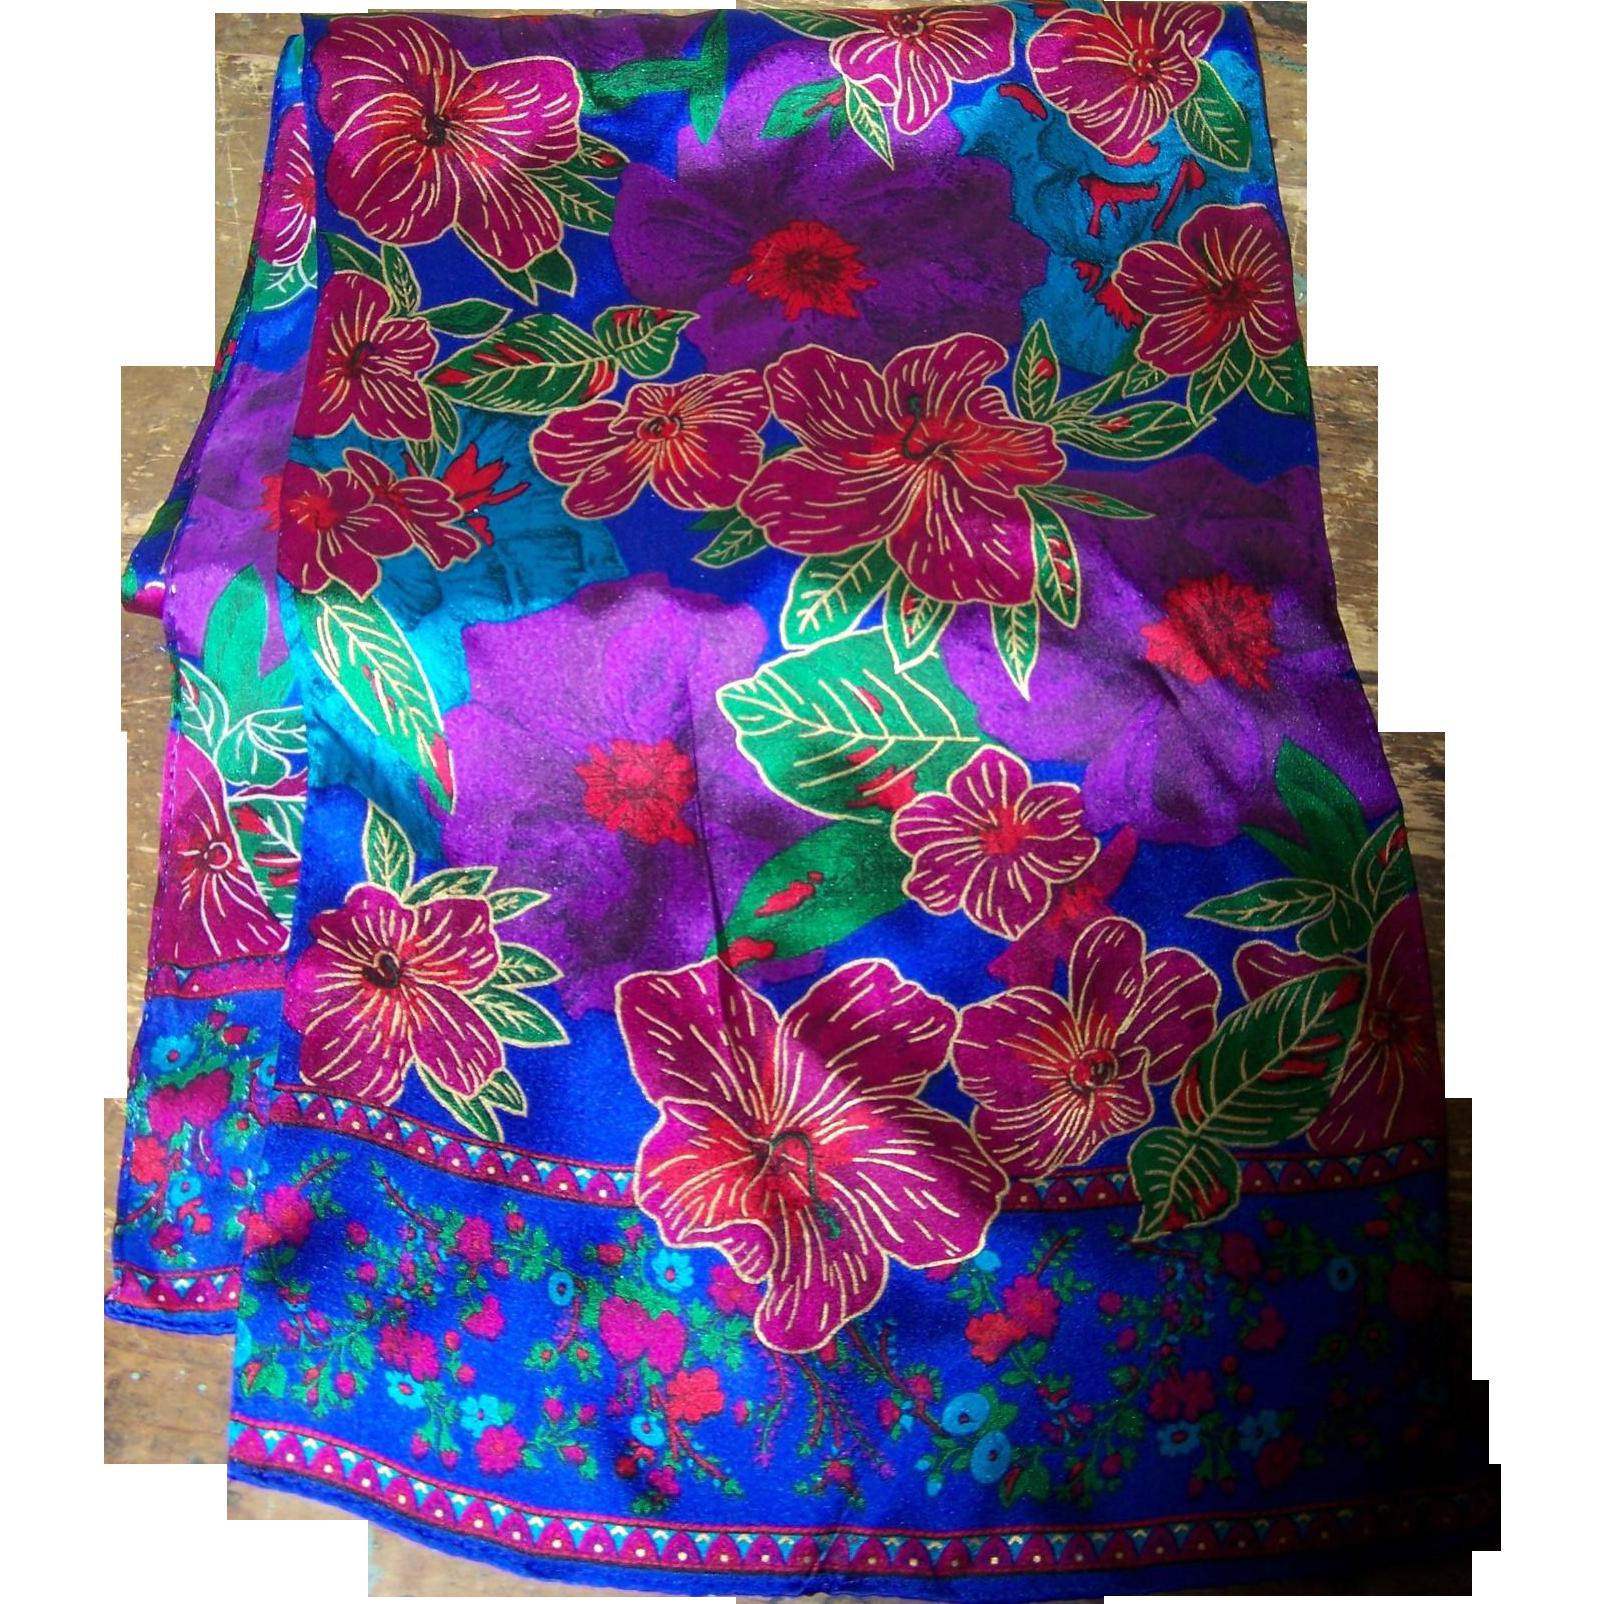 Rich Tropical Flower Pattern Designer Scarf 100 % Silk Liz Claiborne Accessories